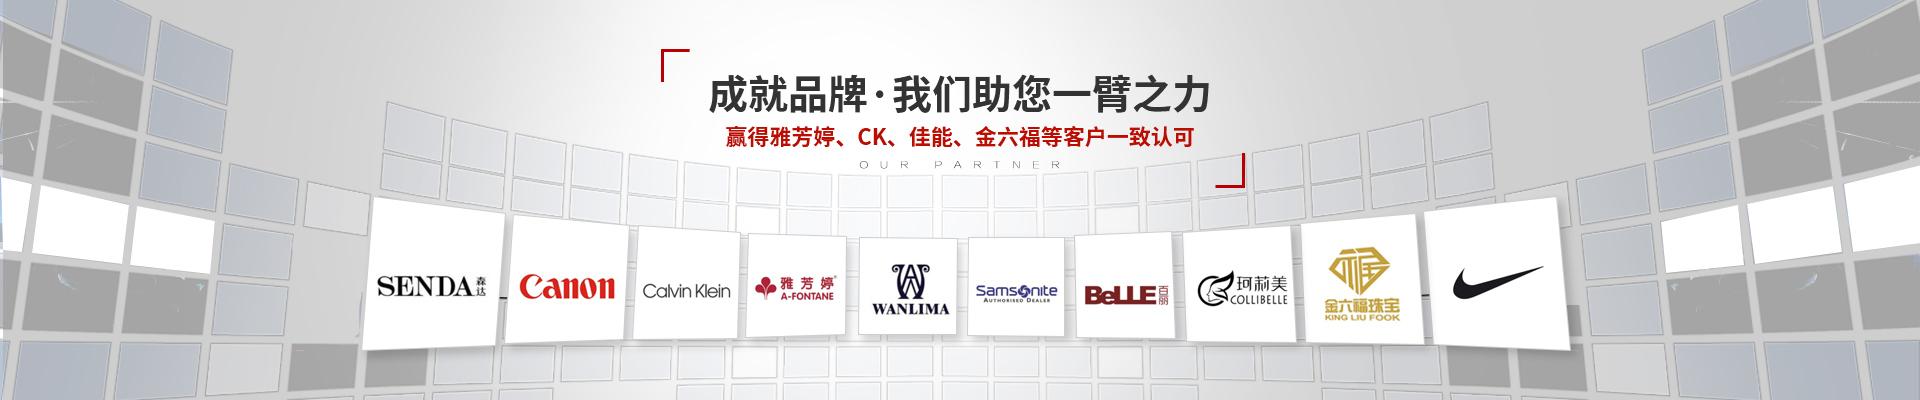 红顺叶-成就品牌,我们助您一臂之力